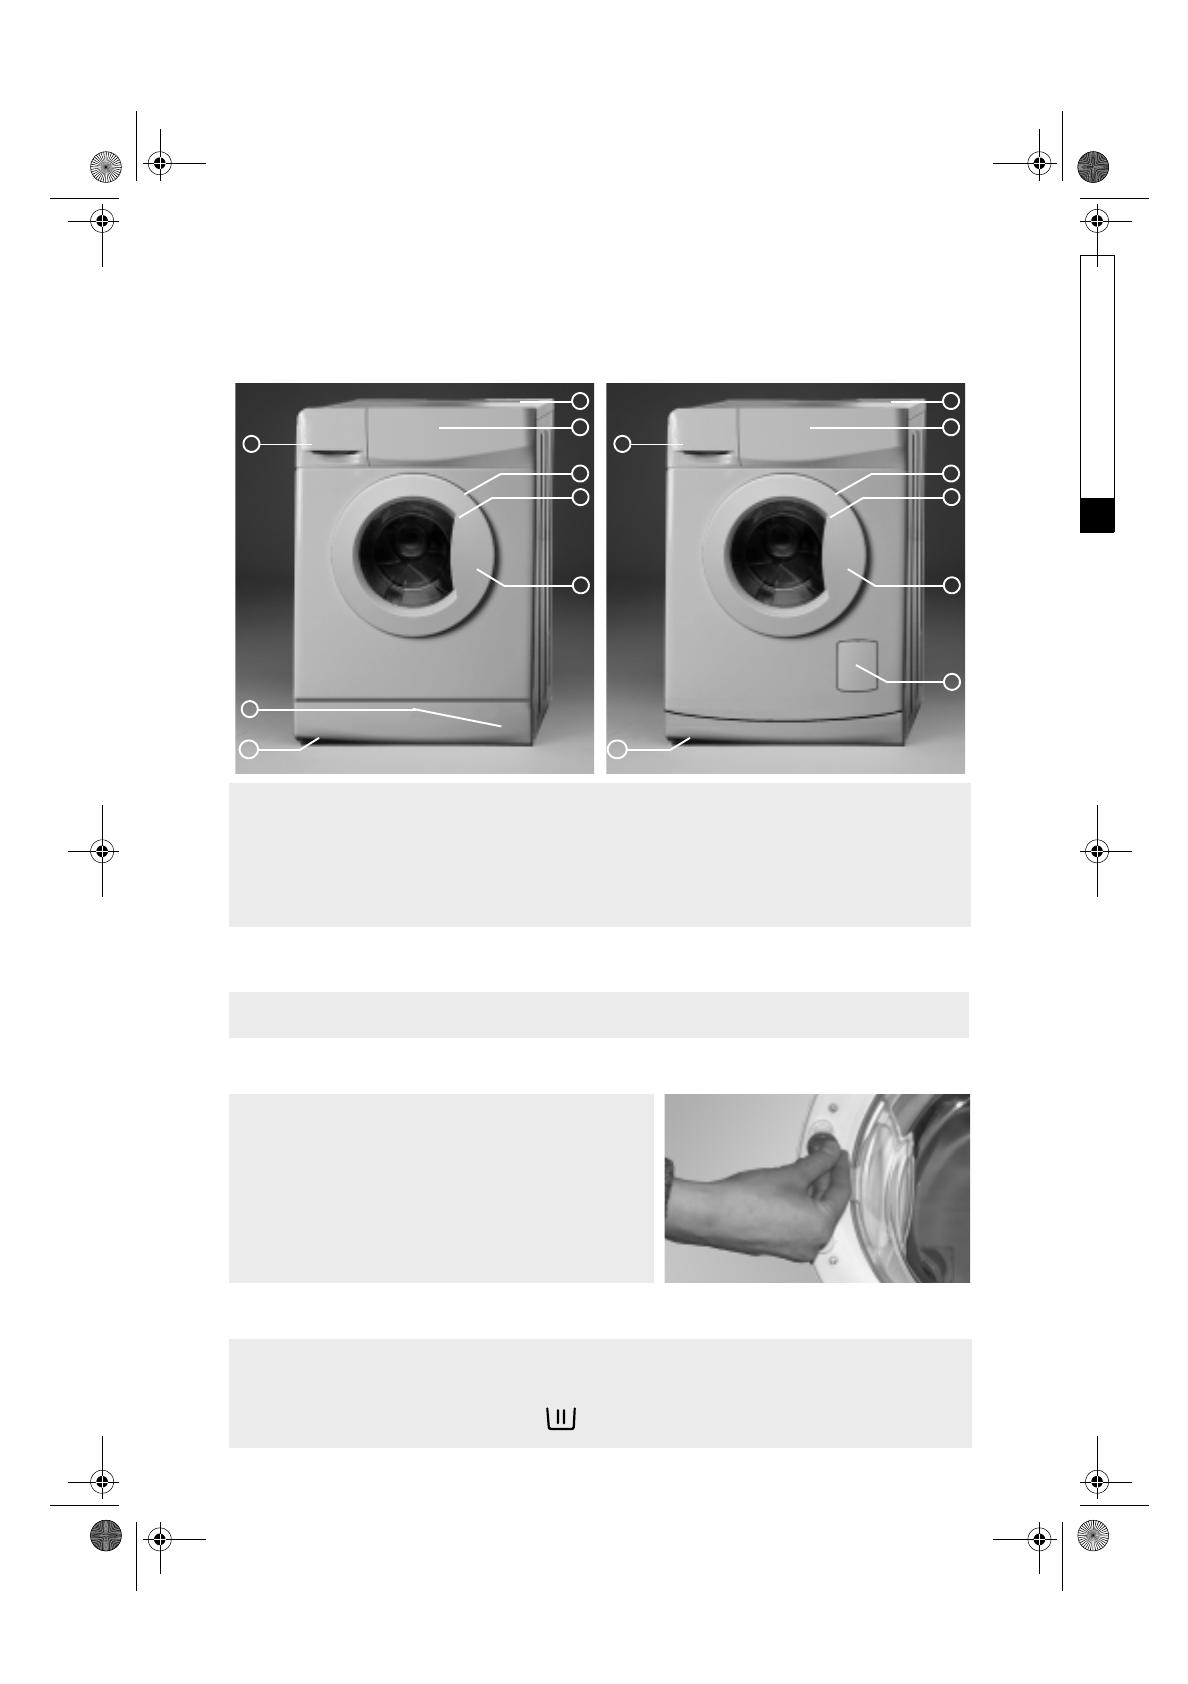 Bedienungsanleitung Whirlpool awo 5340 (Seite 1 von 13) (Deutsch ...